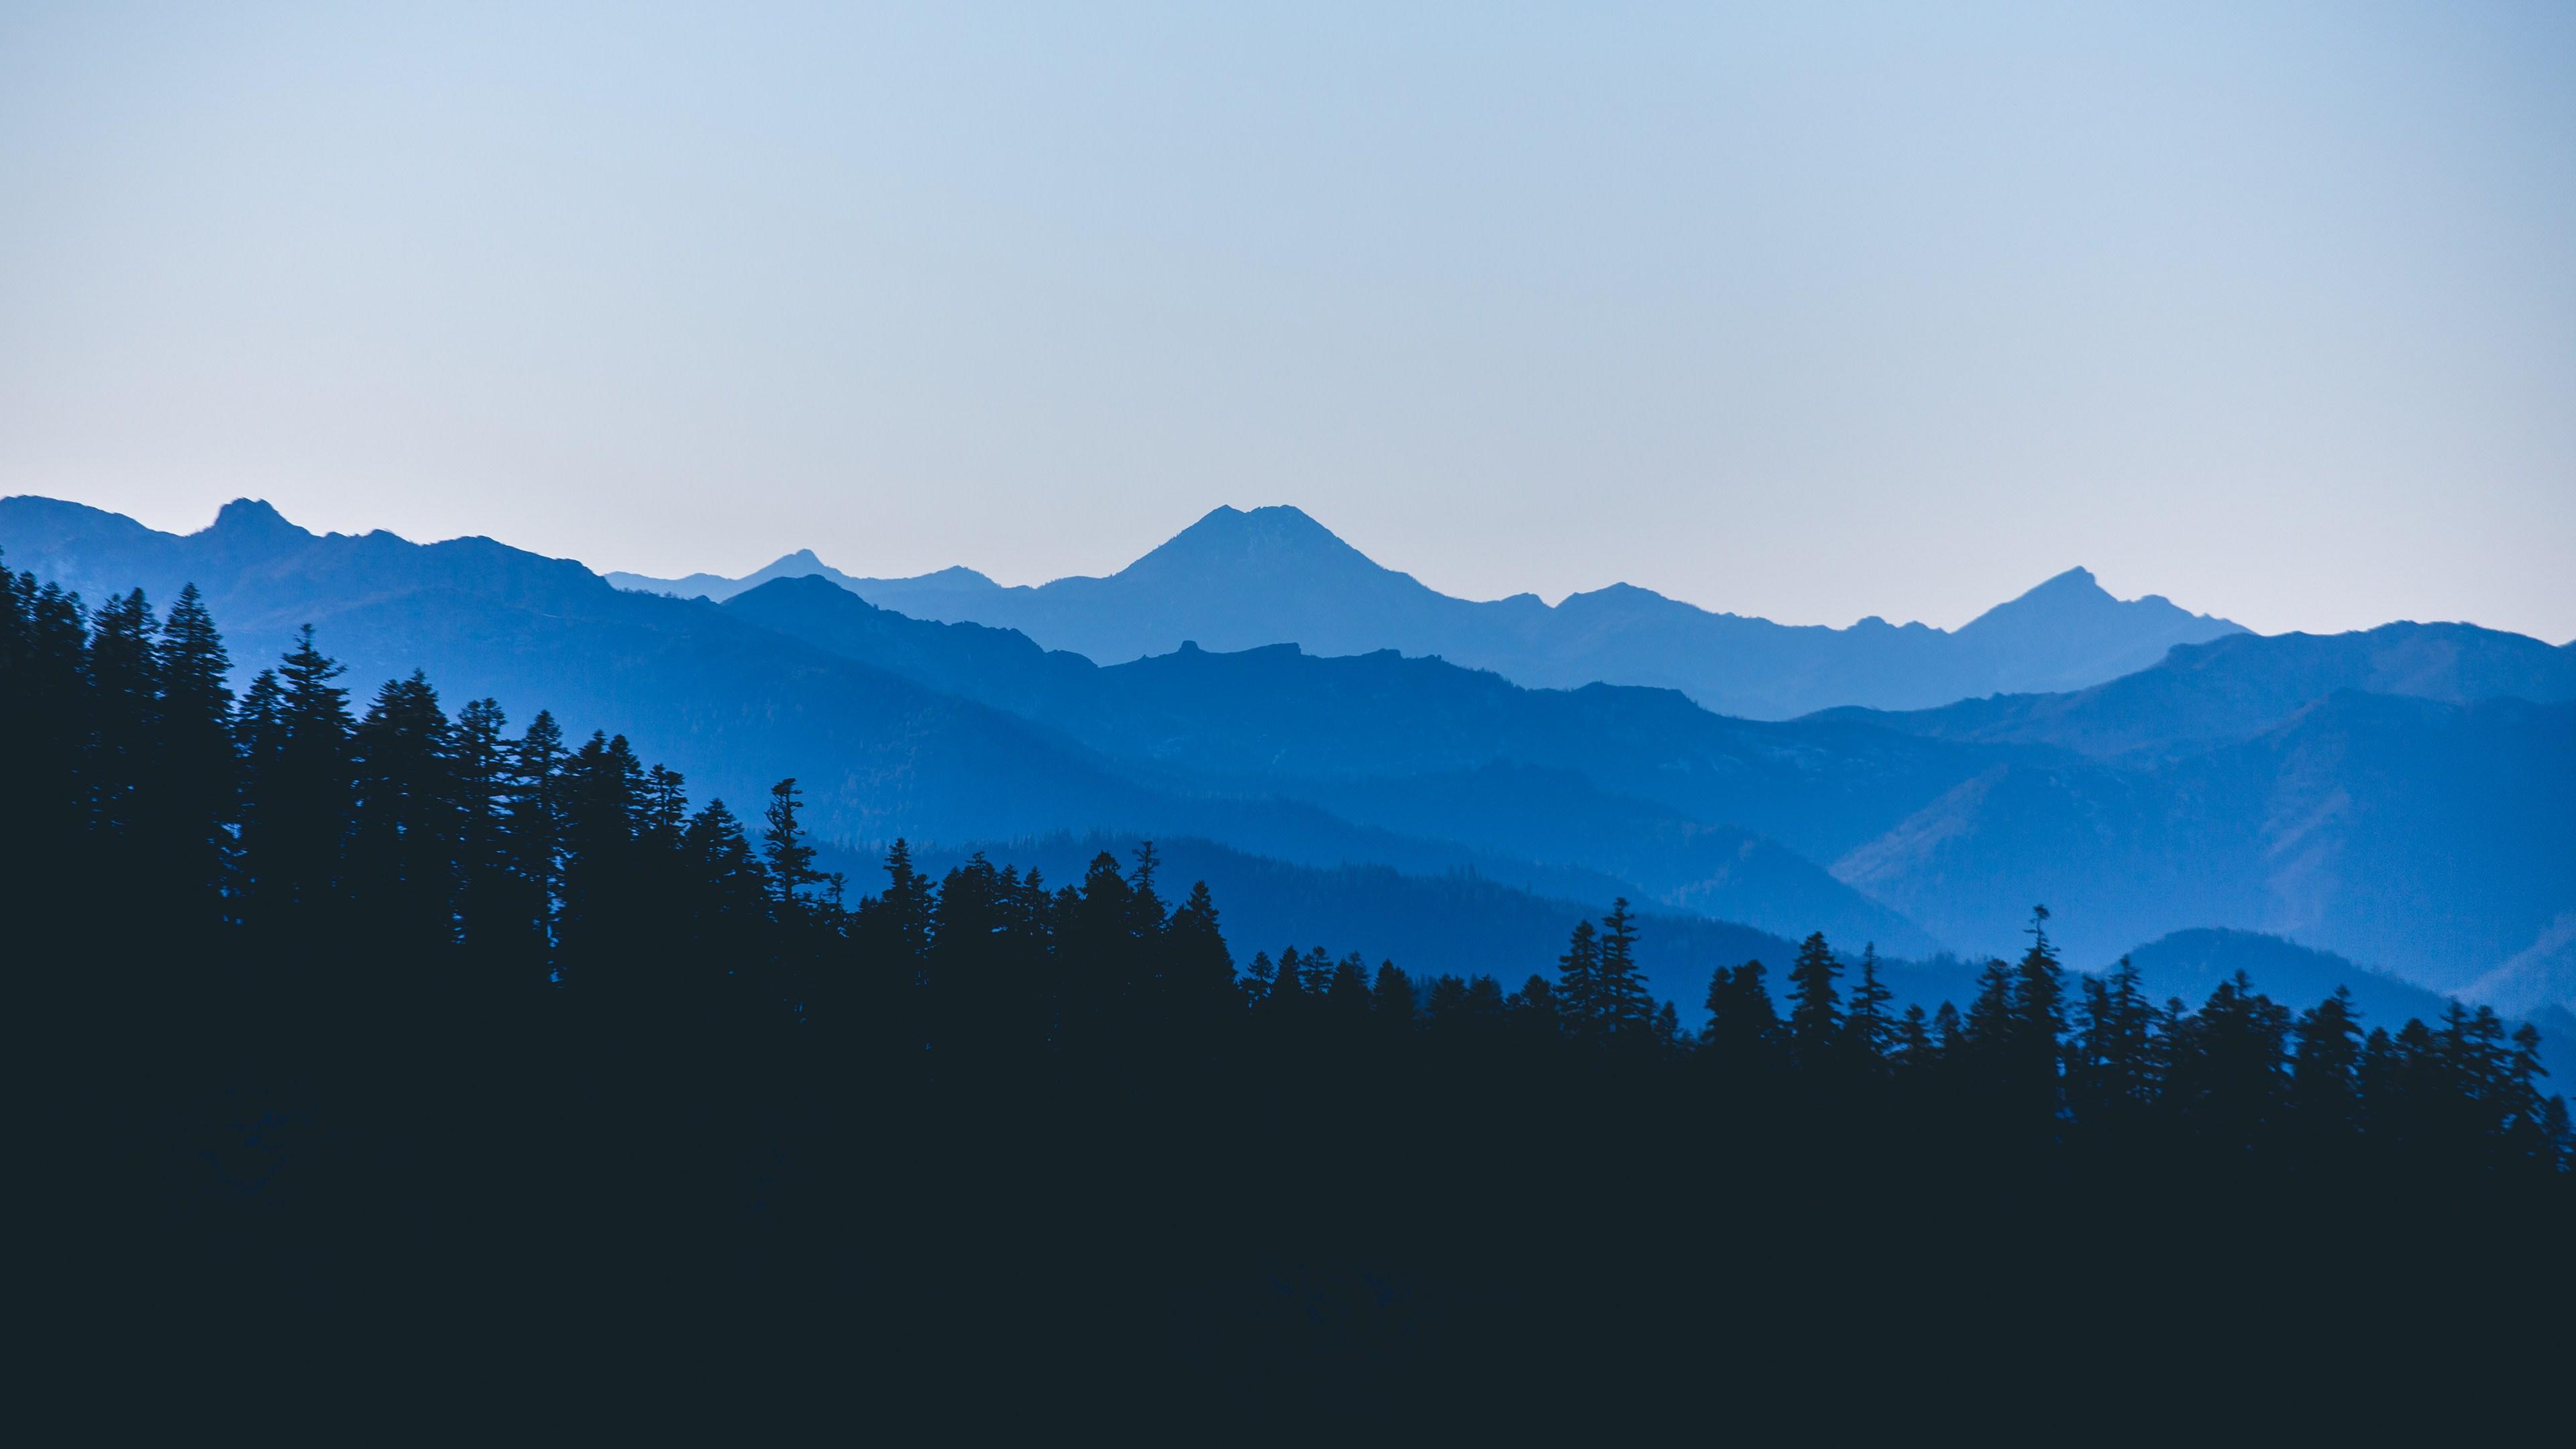 Good Wallpaper Mountain Blue - da10ad5e11f824abb19b07306fcefc32  HD_142647.jpg